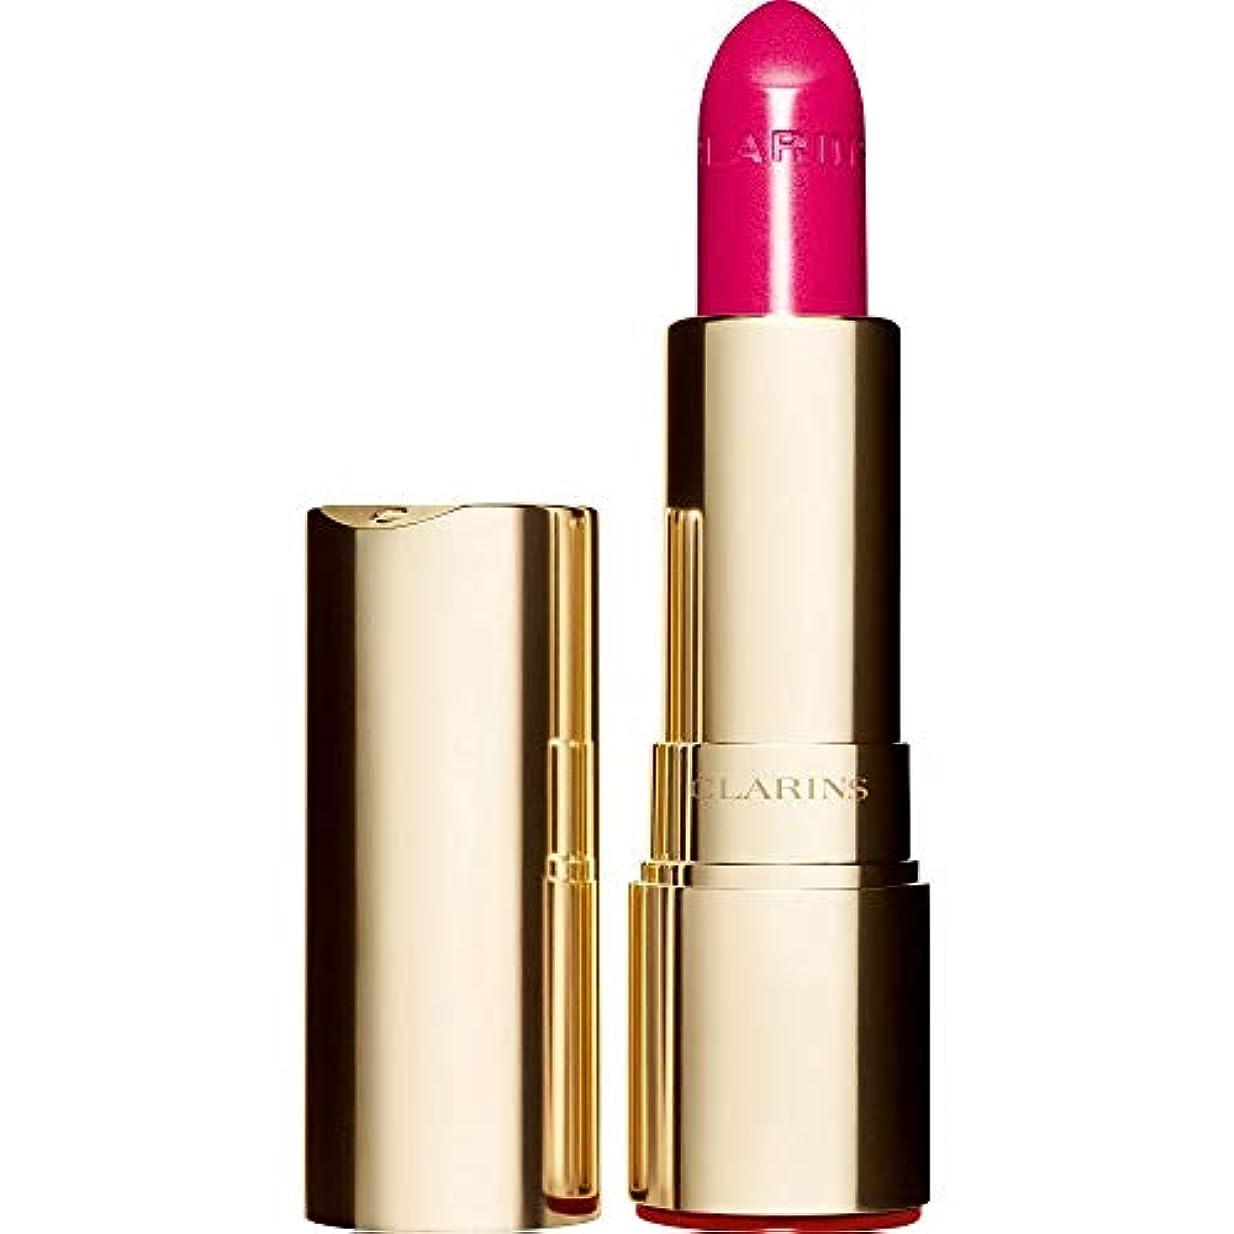 [Clarins ] クラランスジョリルージュブリリアント口紅3.5グラムの713S - ホットピンク - Clarins Joli Rouge Brillant Lipstick 3.5g 713S - Hot Pink...